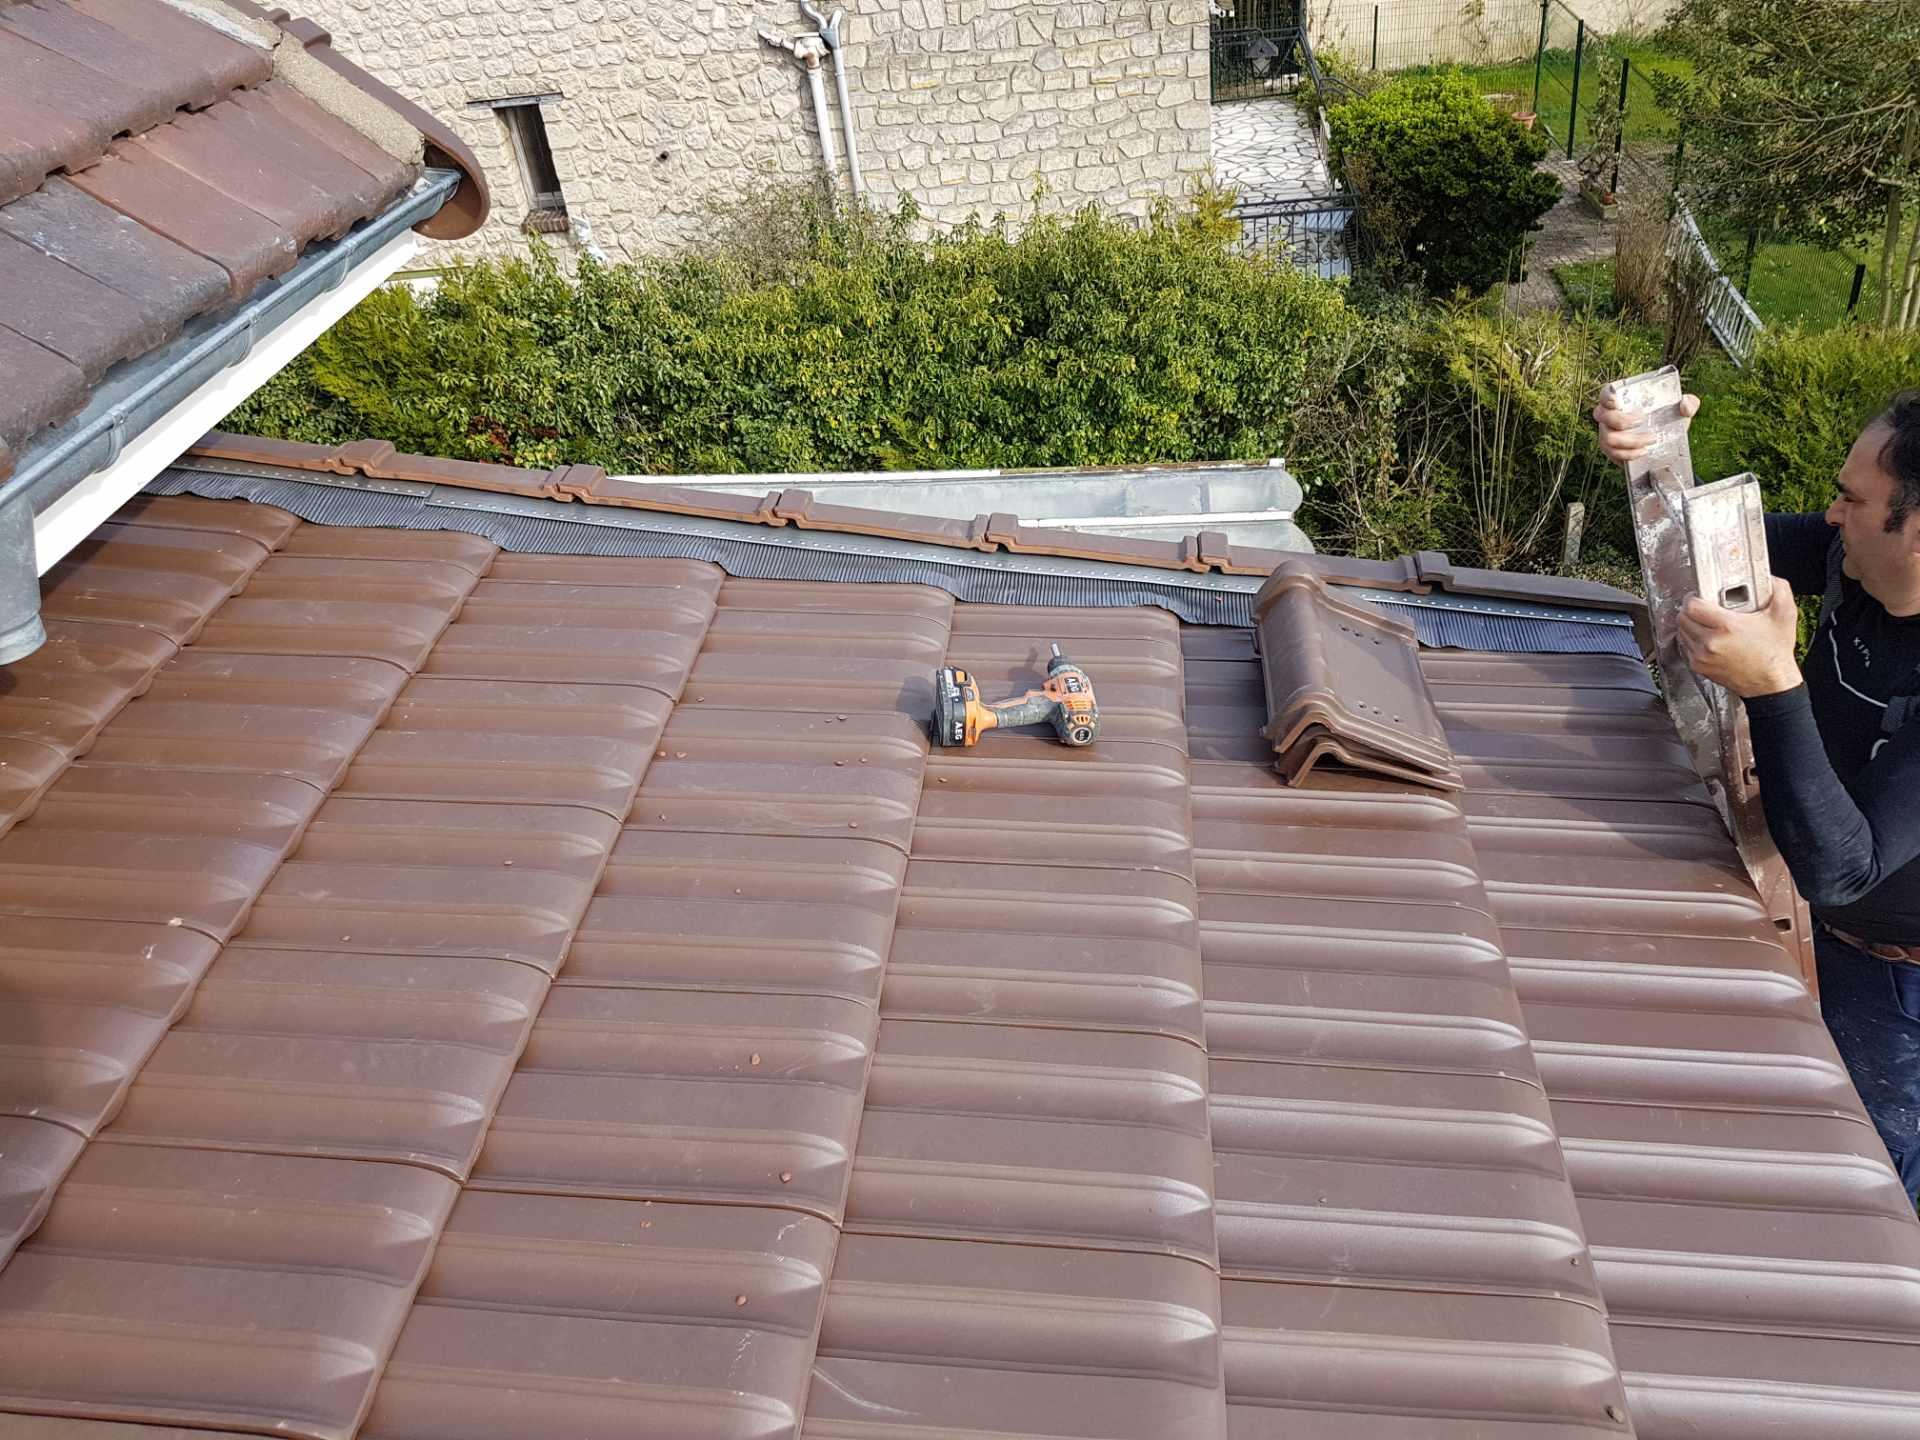 réparation de toiture artisan couvreur